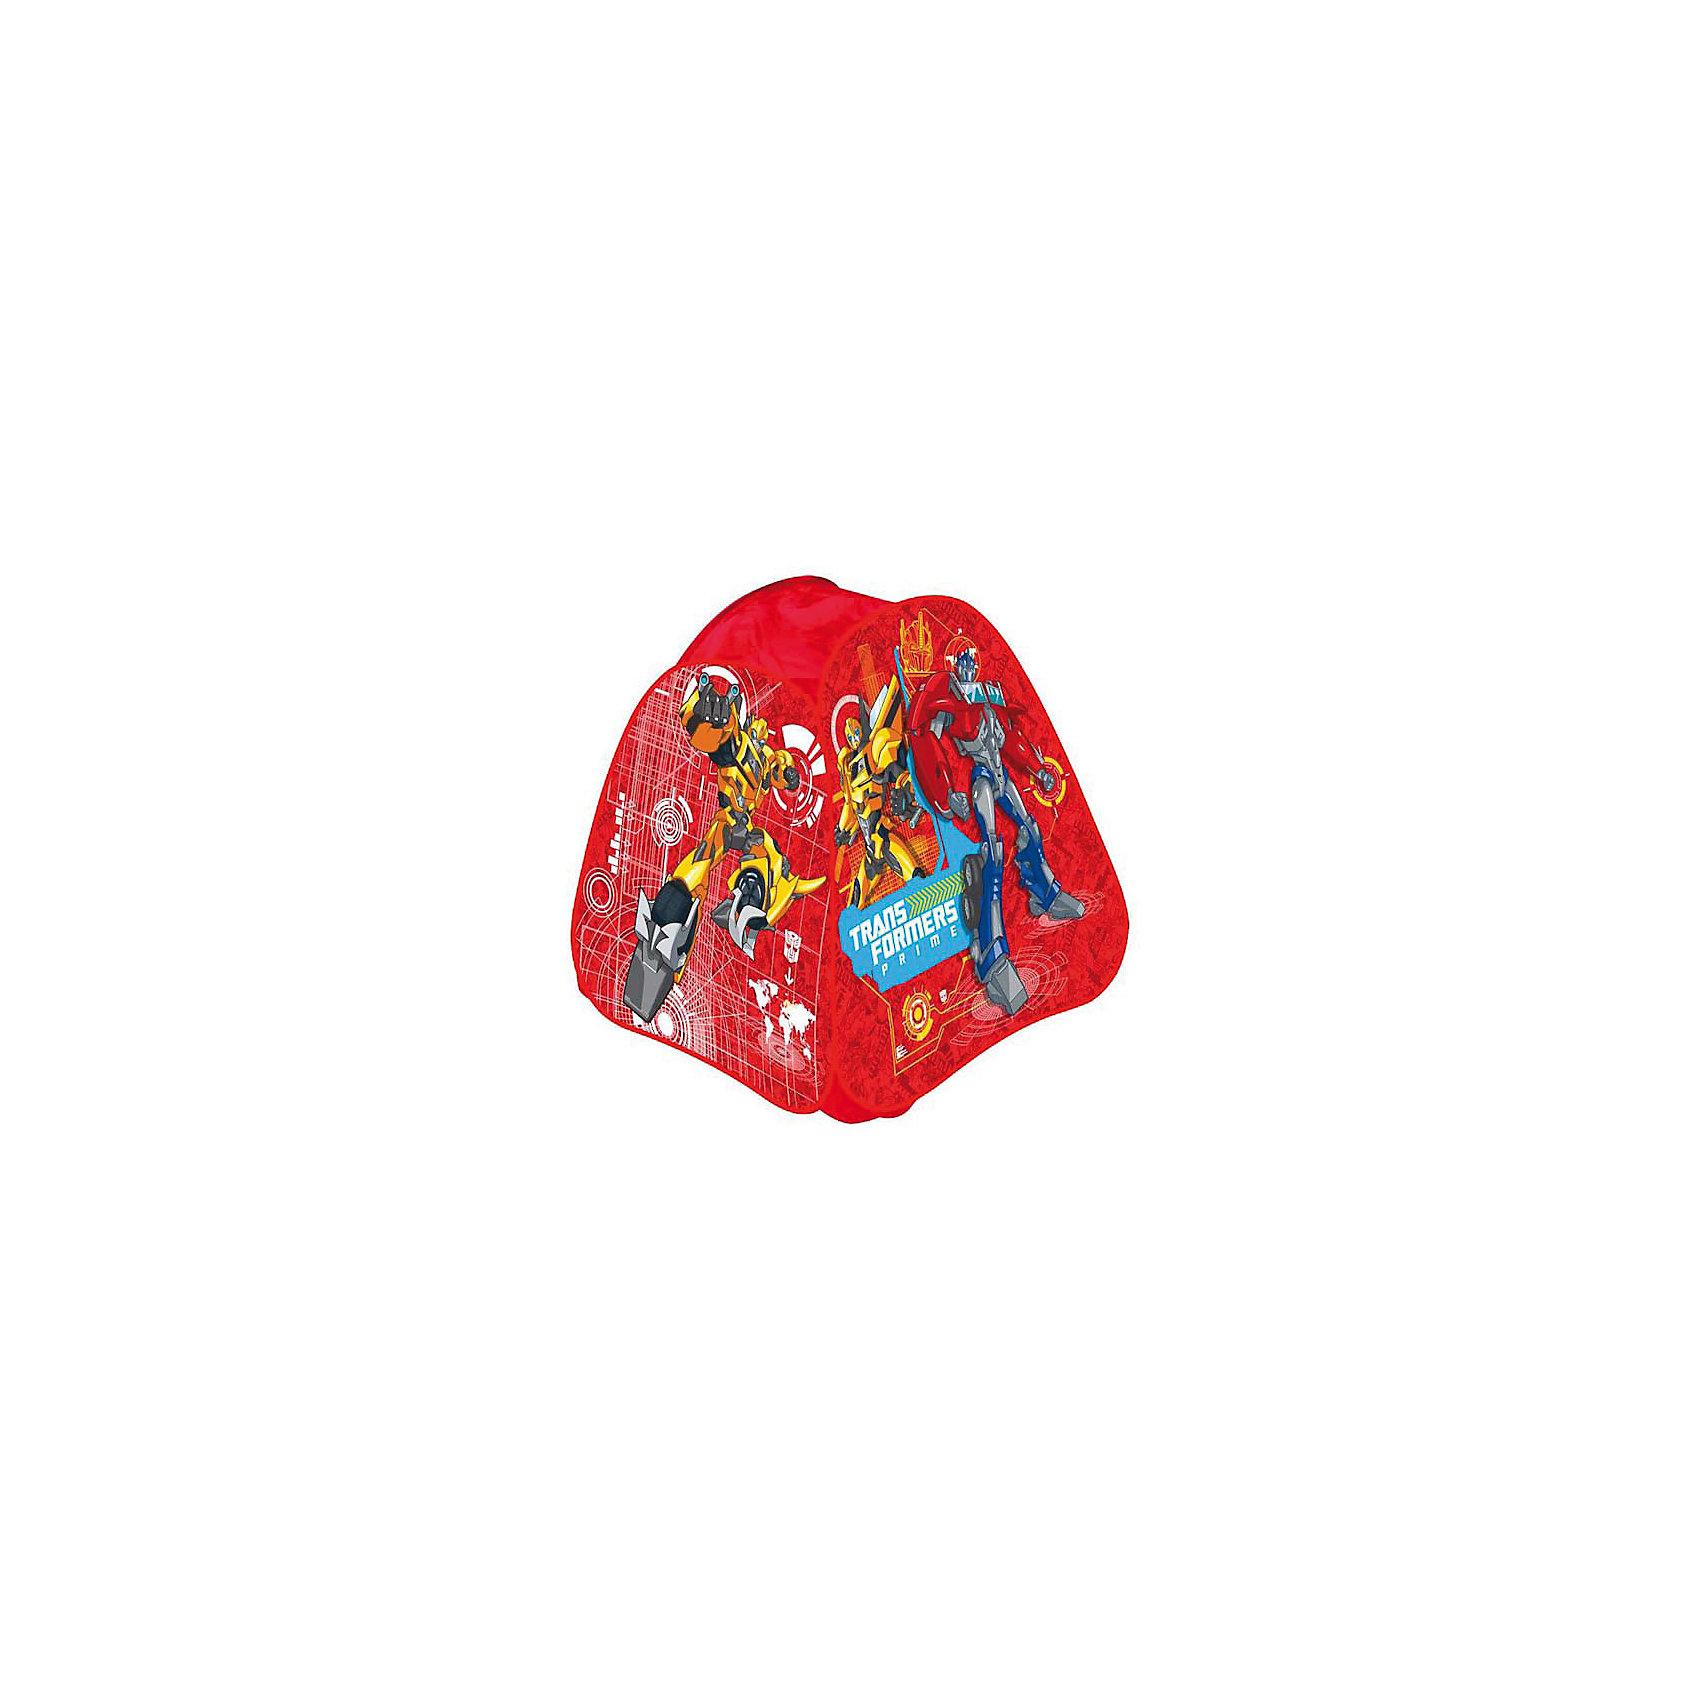 Детская игровая палатка Трансформеры, Играем ВместеПалатка игровая Transformers (Трансформеры) Играем вместе - отличный подарок для  мальчишек! Детская игровая палатка Transformers (Трансформеры) подарит Вашему ребенку множество увлекательных часов игры. Послужит отличной игрушкой как дома, так и на свежем воздухе в теплое время: варианты игры могут быть ограничены лишь фантазией ребенка. Мобильная и качественная, палатка легко складывается для хранения и транспортировки, самораскладывающийся каркас-спираль позволяет без труда собирать и разбирать ее. Окна выполнены из сетчатого материала, дверь палатки на липучке. Выполненная из прочного, влагостойкого материала, она к тому же очень легкая и компактная. В ней можно отдыхать, прятаться, защищаться от солнца и дождика!<br><br>Дополнительная информация:<br><br>- Понравится любителям мультфильма Transformers (Трансформеры);<br>- Подходит для игры в помещении и на улице в летнее время;<br>- Палатку легко собрать и разобрать;<br>- Есть окошки с сеткой для притока воздуха;<br>- Влагостойкий материал;<br>- Упакована в сумку с ручками для удобства переноски;<br>- Цвет: красный;<br>- Размер: 81 х 81 х 91 см;<br>- Вес: 1000 г<br><br>Детскую игровую палатку Трансформеры, Играем Вместе можно купить в нашем интернет-магазине.<br><br>Ширина мм: 350<br>Глубина мм: 40<br>Высота мм: 350<br>Вес г: 1000<br>Возраст от месяцев: 12<br>Возраст до месяцев: 48<br>Пол: Мужской<br>Возраст: Детский<br>SKU: 3687180